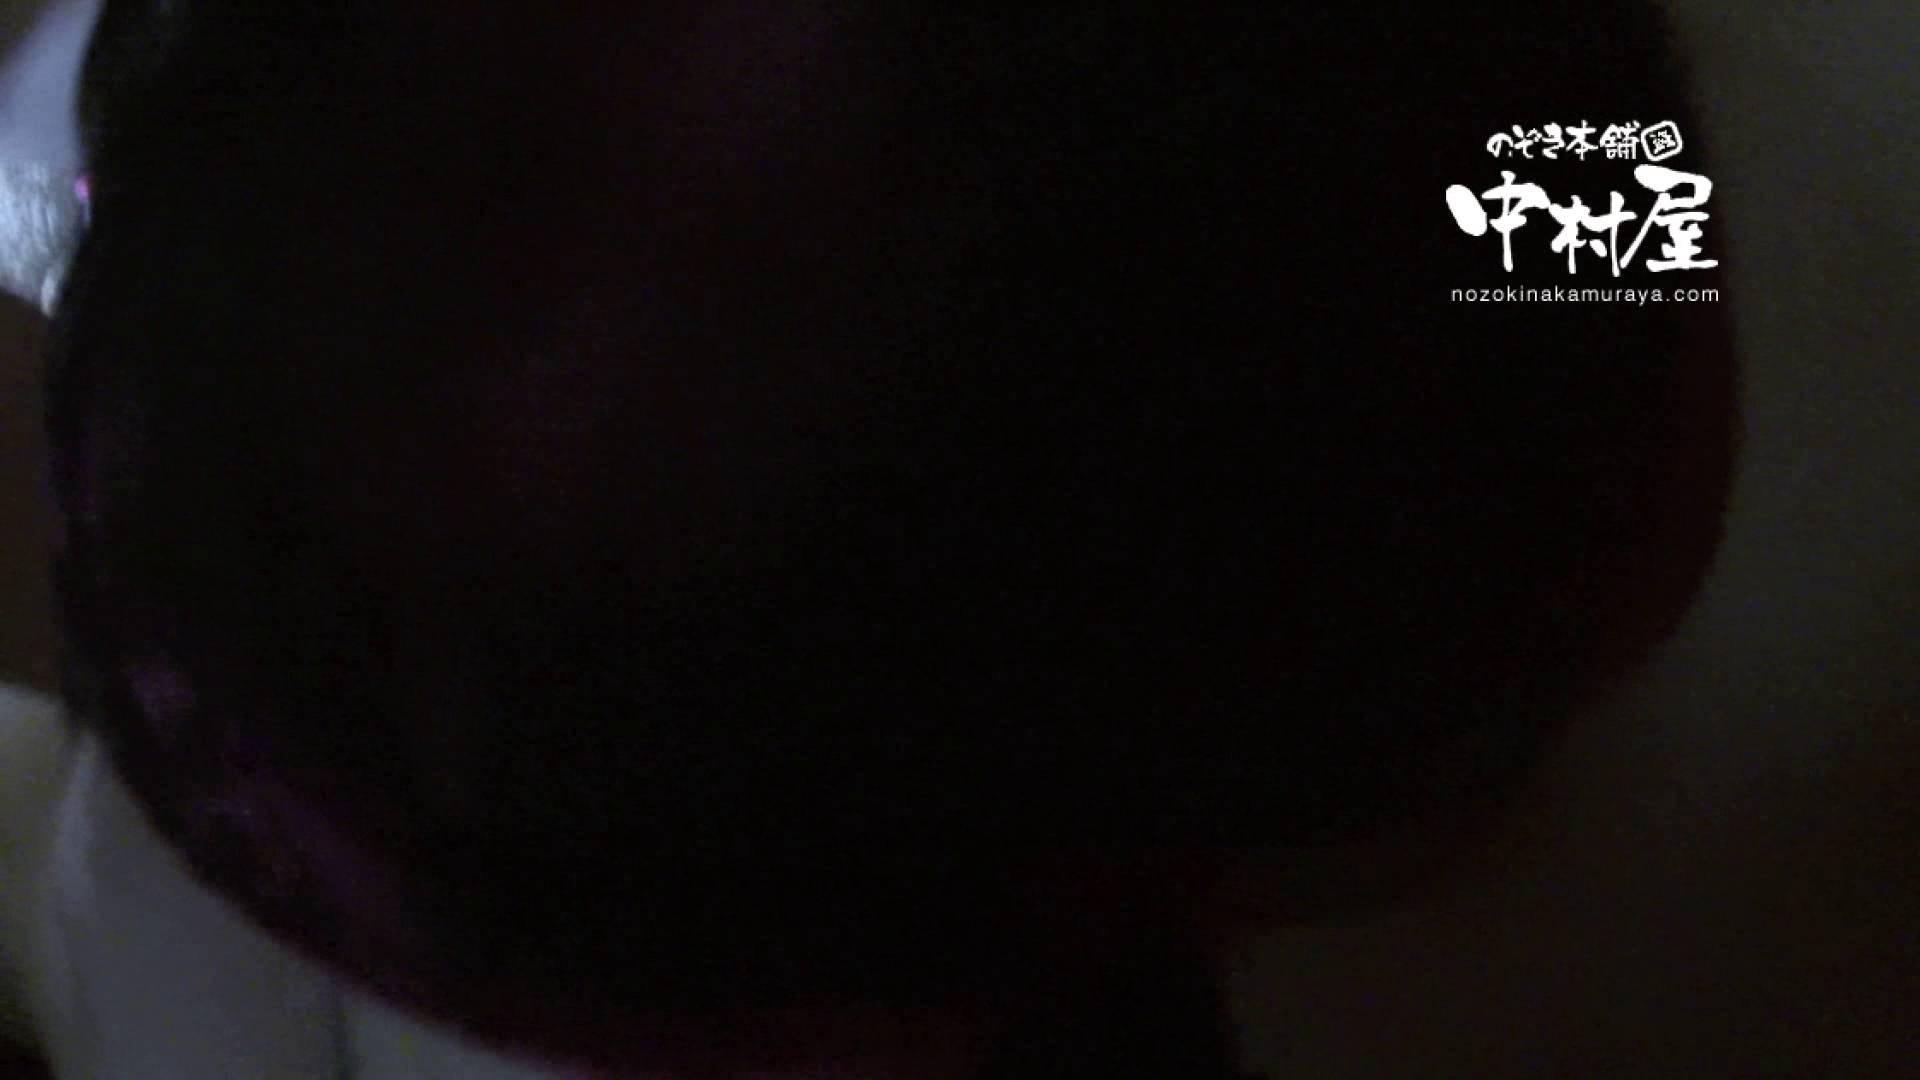 鬼畜 vol.12 剥ぎ取ったら色白でゴウモウだった 後編 OLハメ撮り  21Pix 20